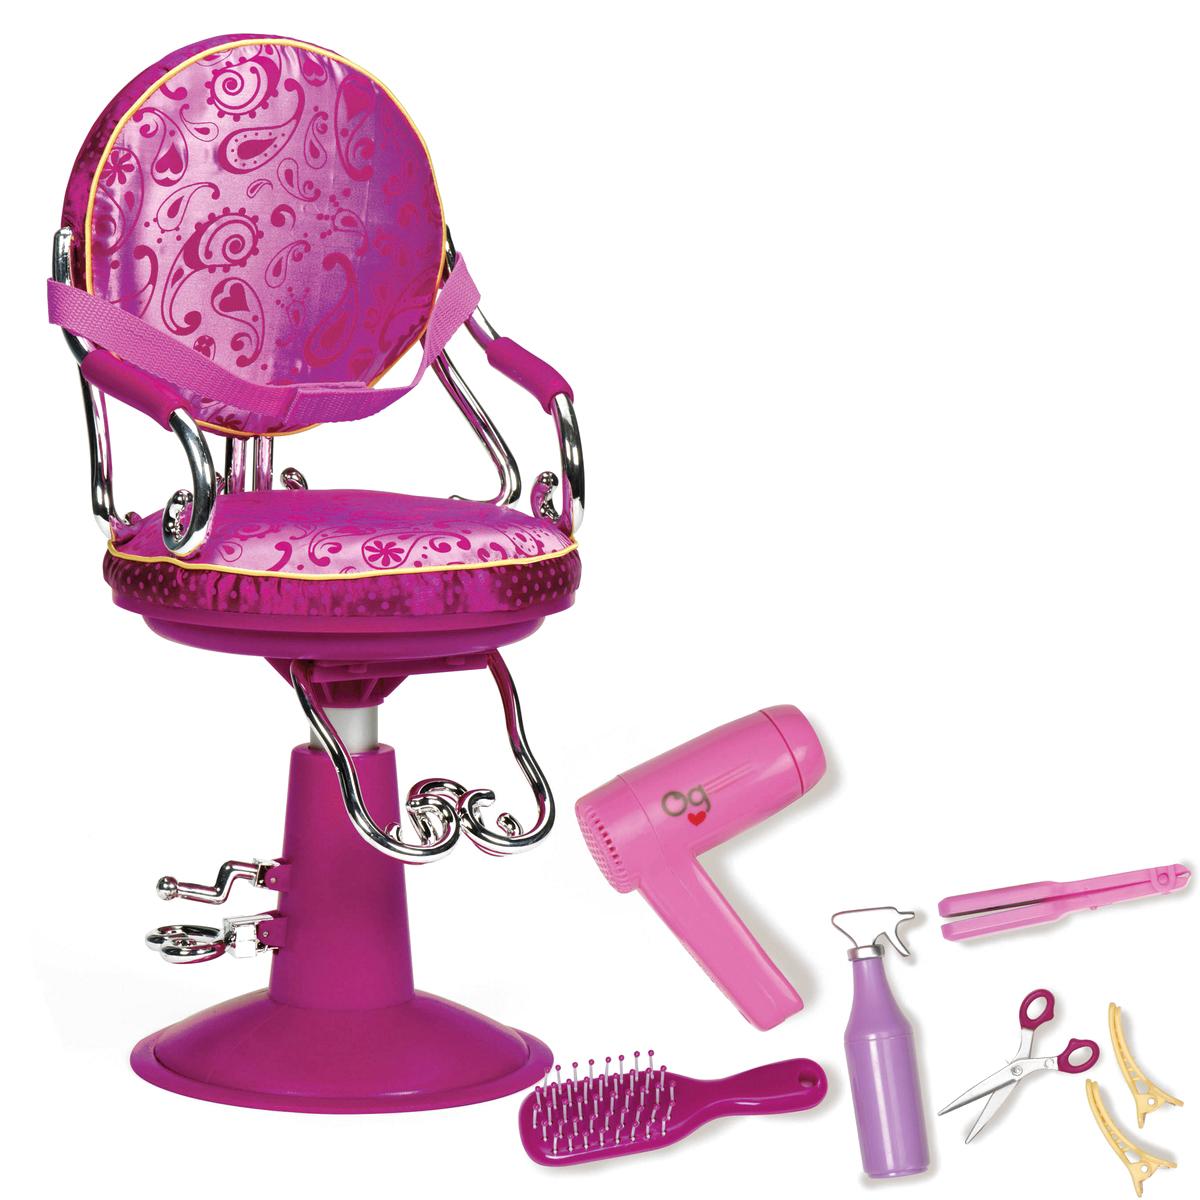 Our Generation Мебель для кукол Парикмахерское кресло11511Мебель для кукол Our Generation Парикмахерское кресло - необходимый аксессуар для маленького игрушечного салона красоты. Ваша девочка желает испробовать себя в качестве личного парикмахера собственных кукол? Предложите ей парикмахерское кресло для куклы, которое поможет принимать своих клиентов со всеми удобствами. В набор входят мягкое кресло, различные аксессуары стилиста - ножницы, расческа, пульверизатор, утюжок для волос, фен и красивые заколки. С помощью этих принадлежностей малышка сможет делать своим маленьким любимицам различные прически или просто расчесывать им волосы, мыть их и сушить феном. Позвольте своему ребенку проявить фантазию и осуществить те эксперименты, которые он задумал.